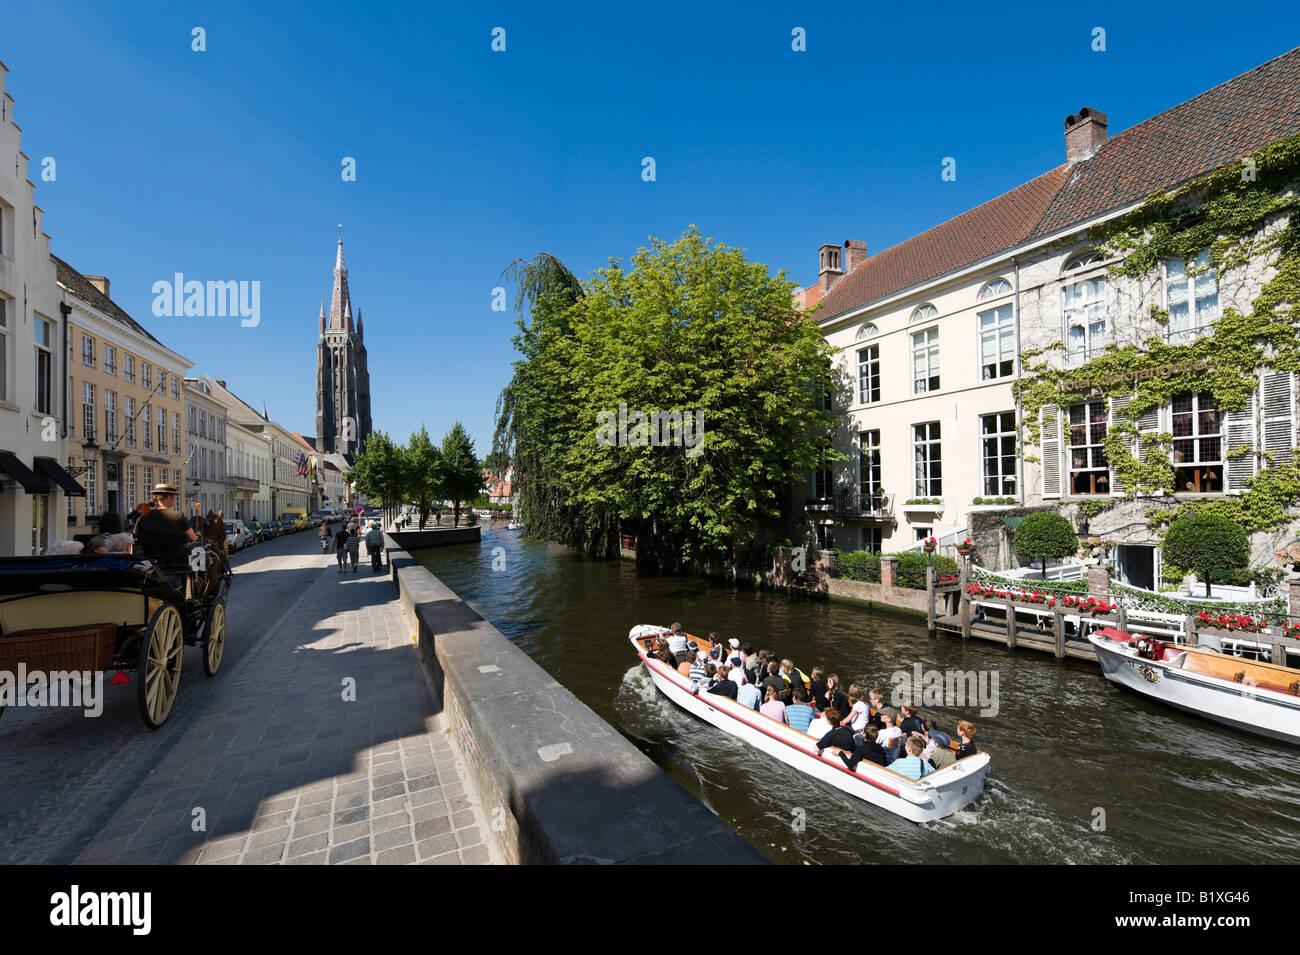 Viaje en barco por el canal, en el viejo centro de ciudad con Onze Lieve Vrouwekerk detrás, Brujas, Bélgica Imagen De Stock